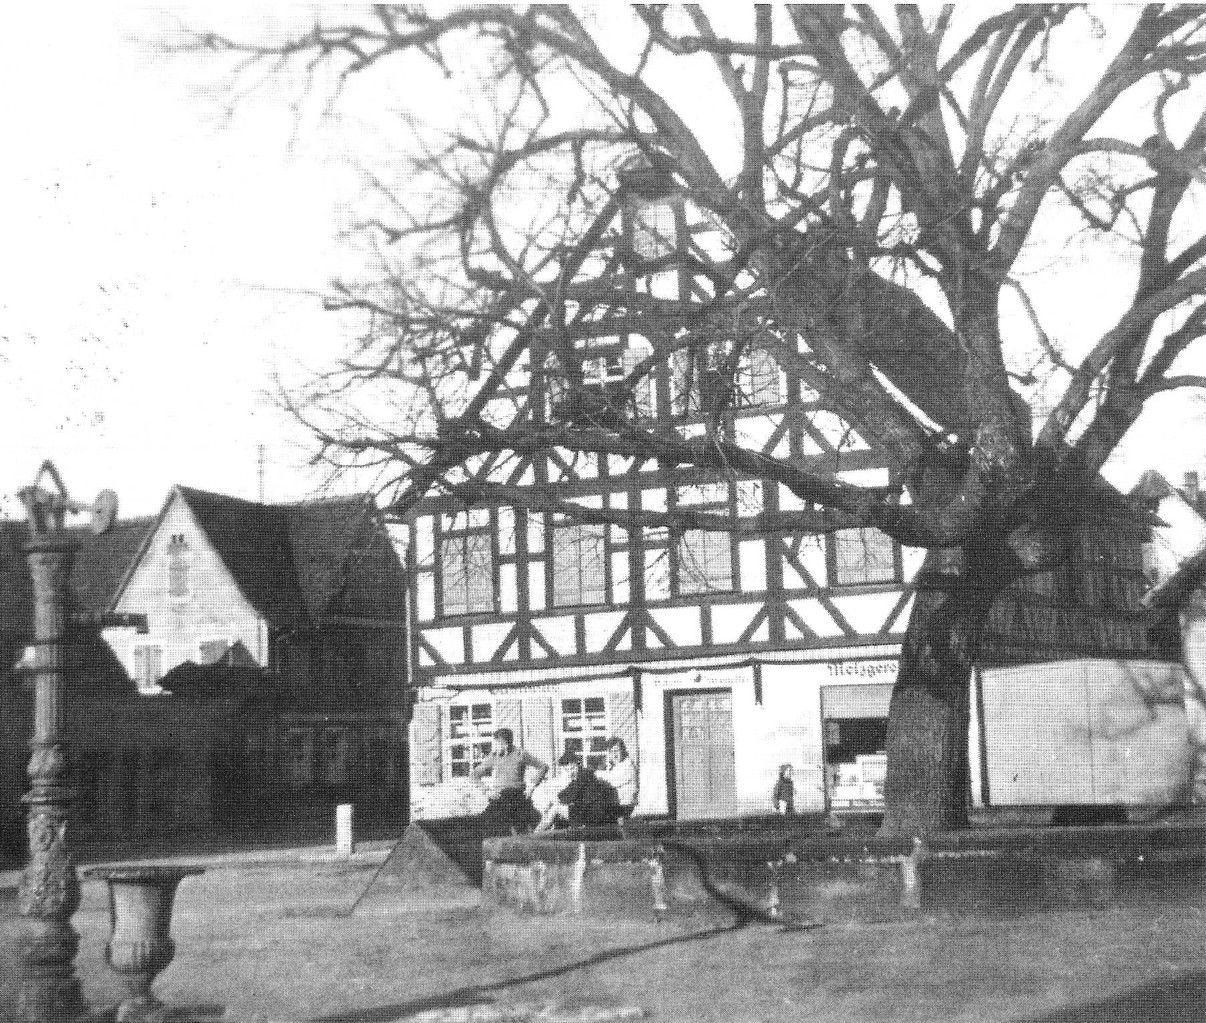 Der Pumpbrunnen bei der Linde am Marktplatz, ca. 1940.